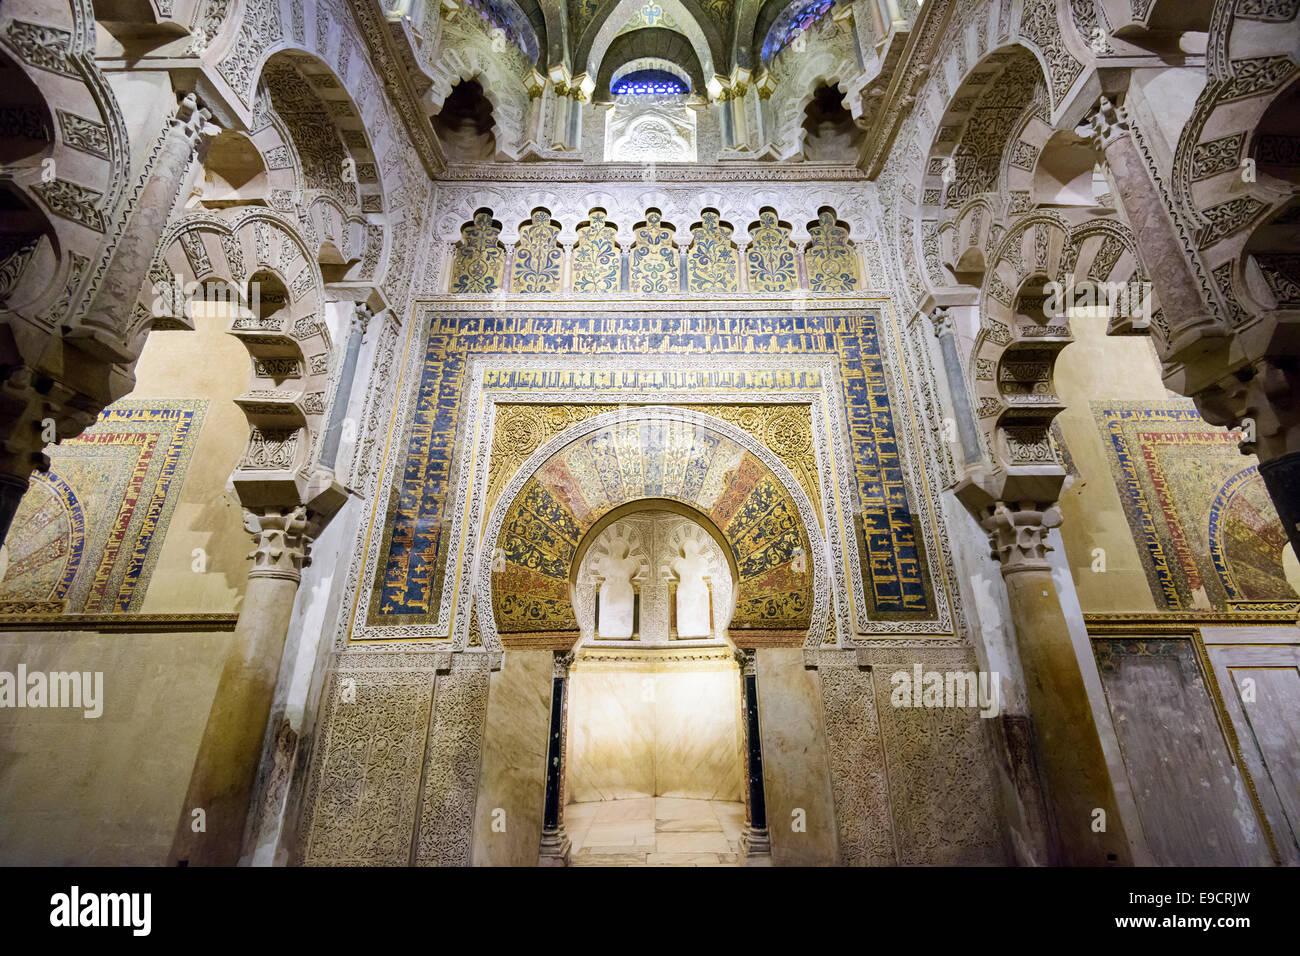 La Giralda di Siviglia, Spagna. Immagini Stock